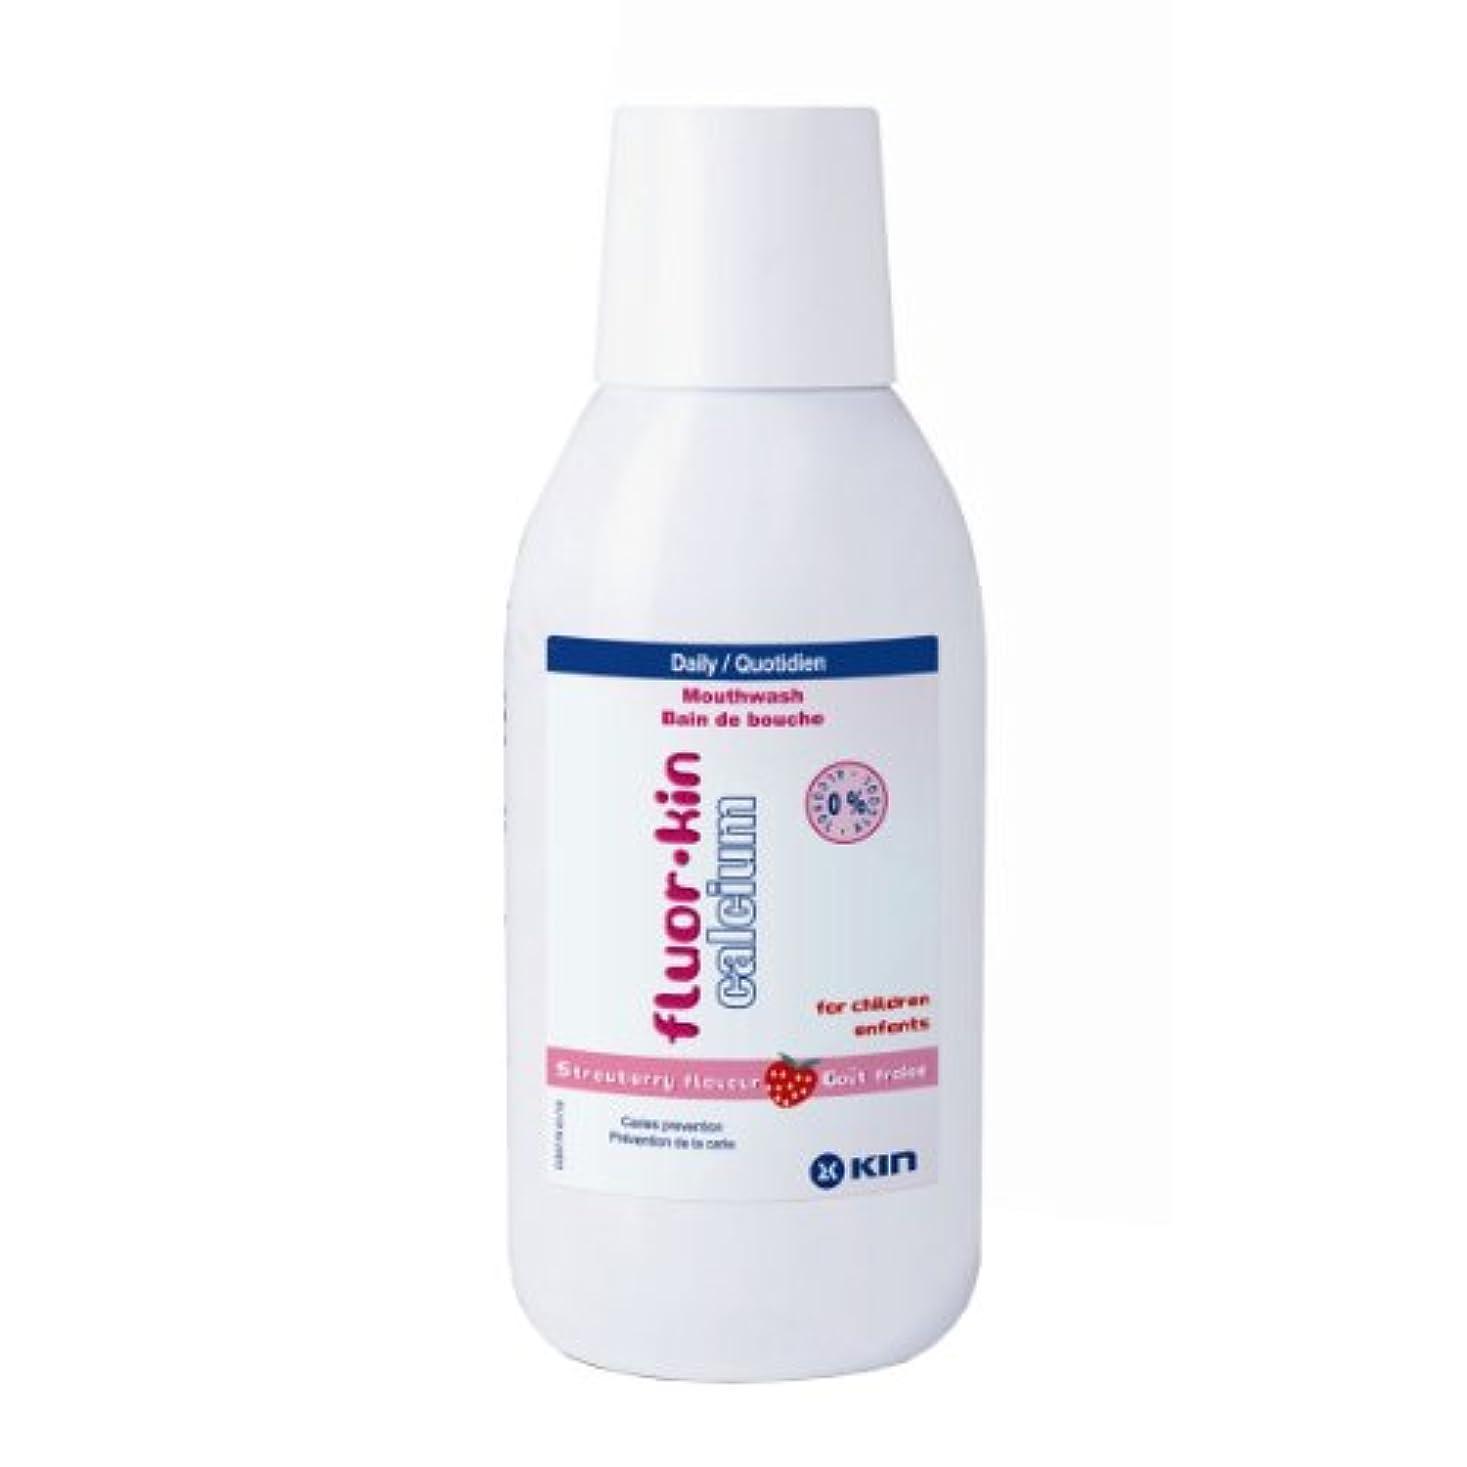 砂漠輸血バーKin Fluor Kin Calcium Mouthwash Strawberry 500ml [並行輸入品]